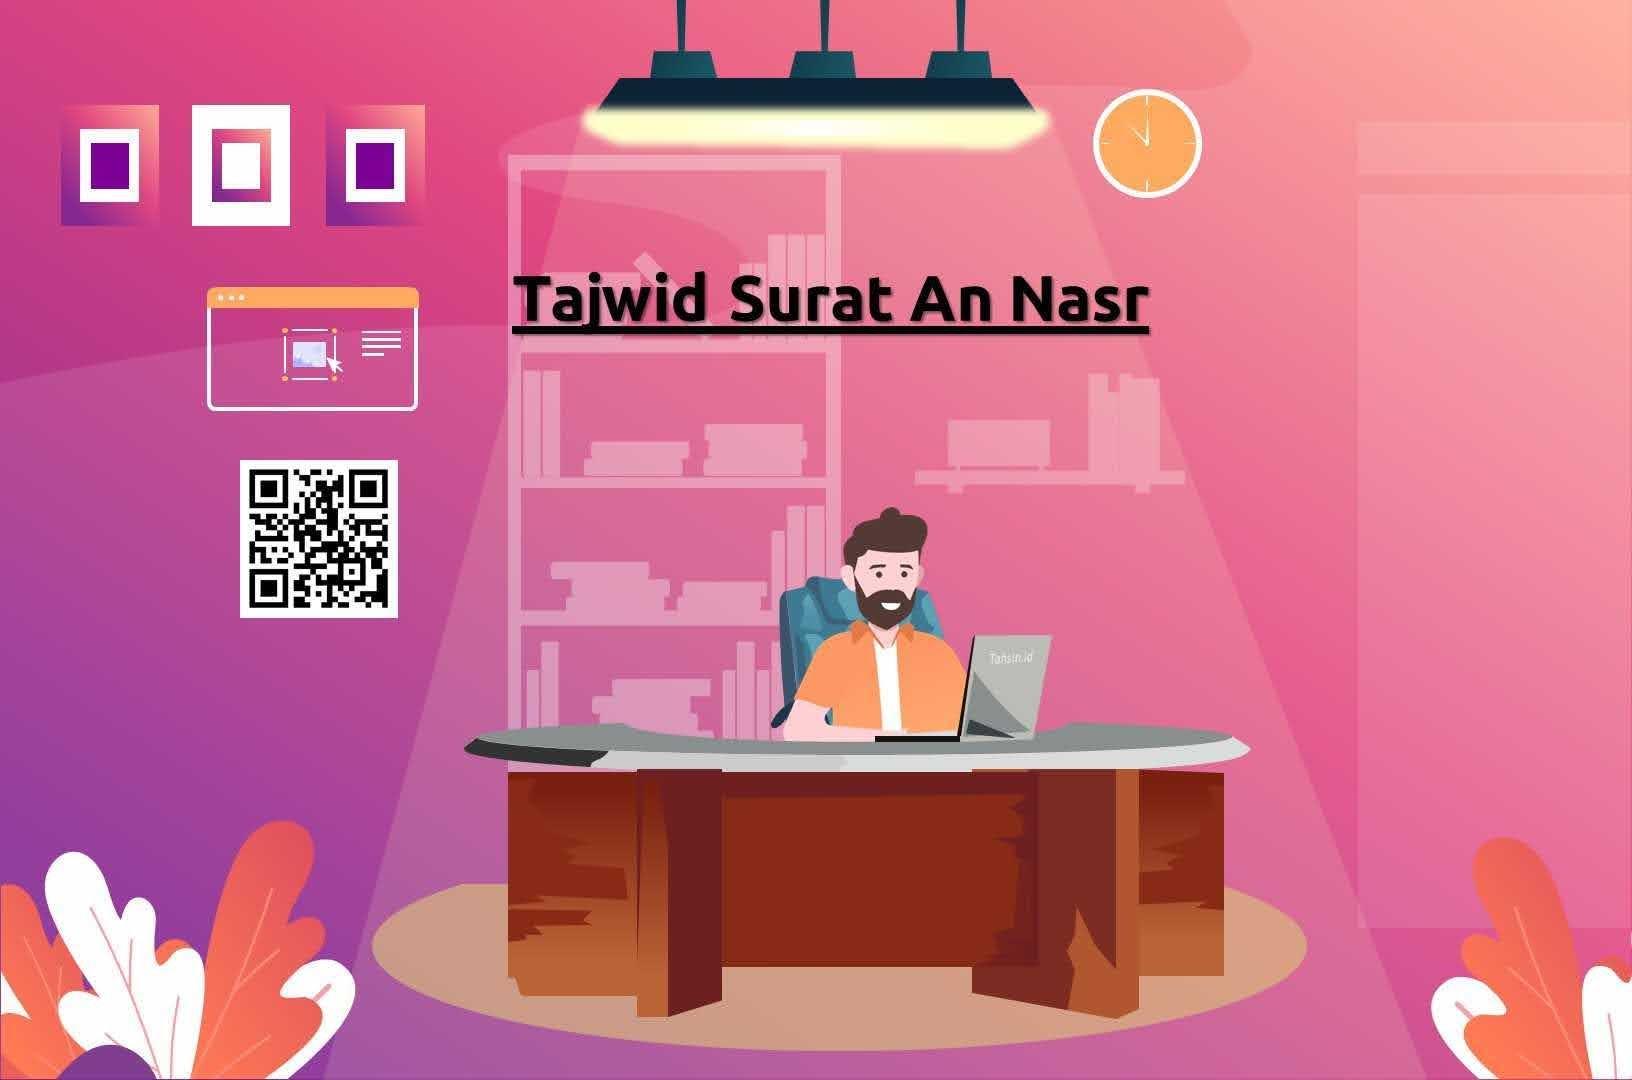 Tajwid surat An Nasr